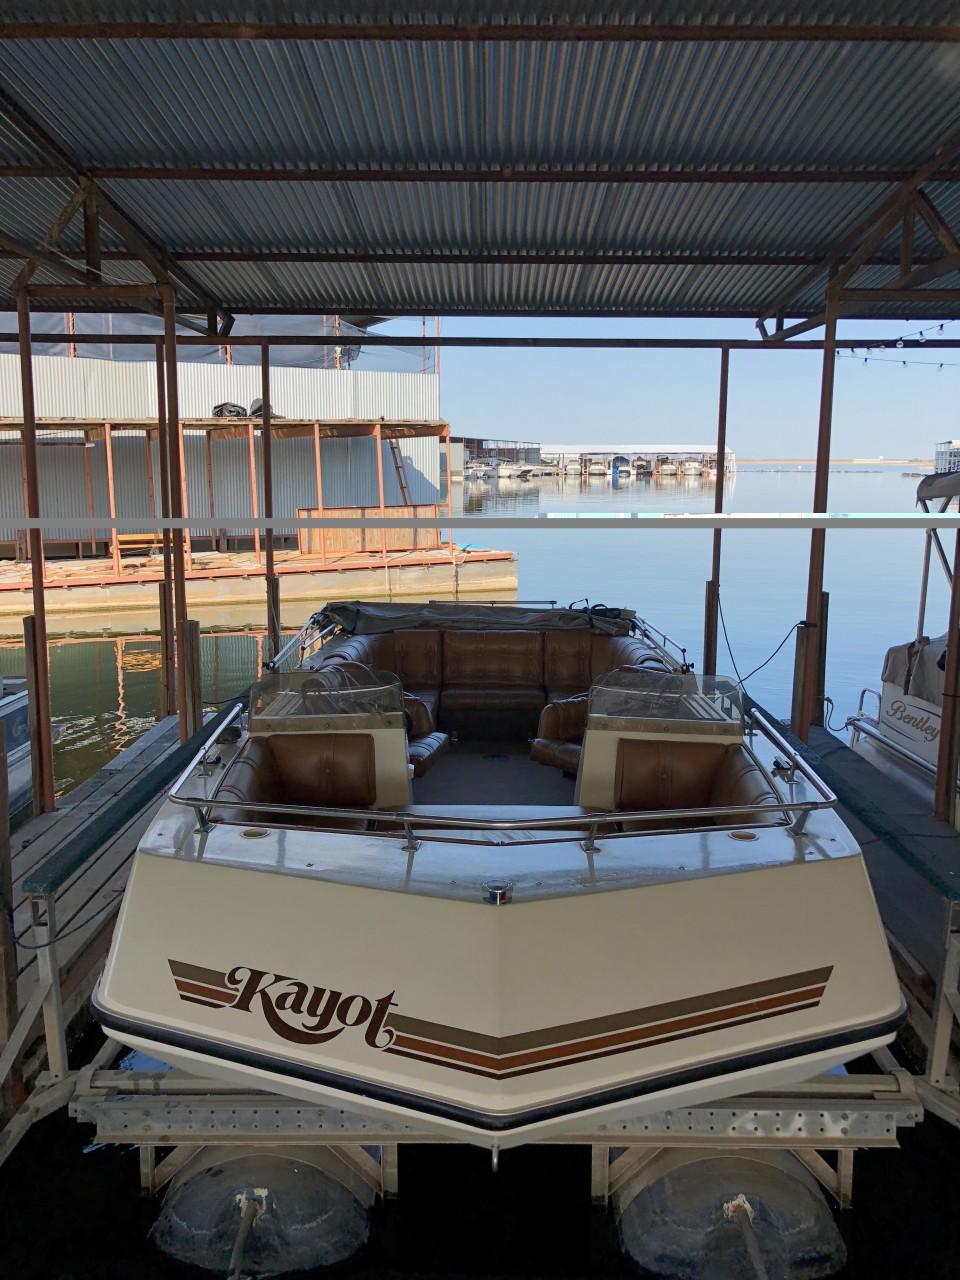 1981 Kayot 20 Deck boat